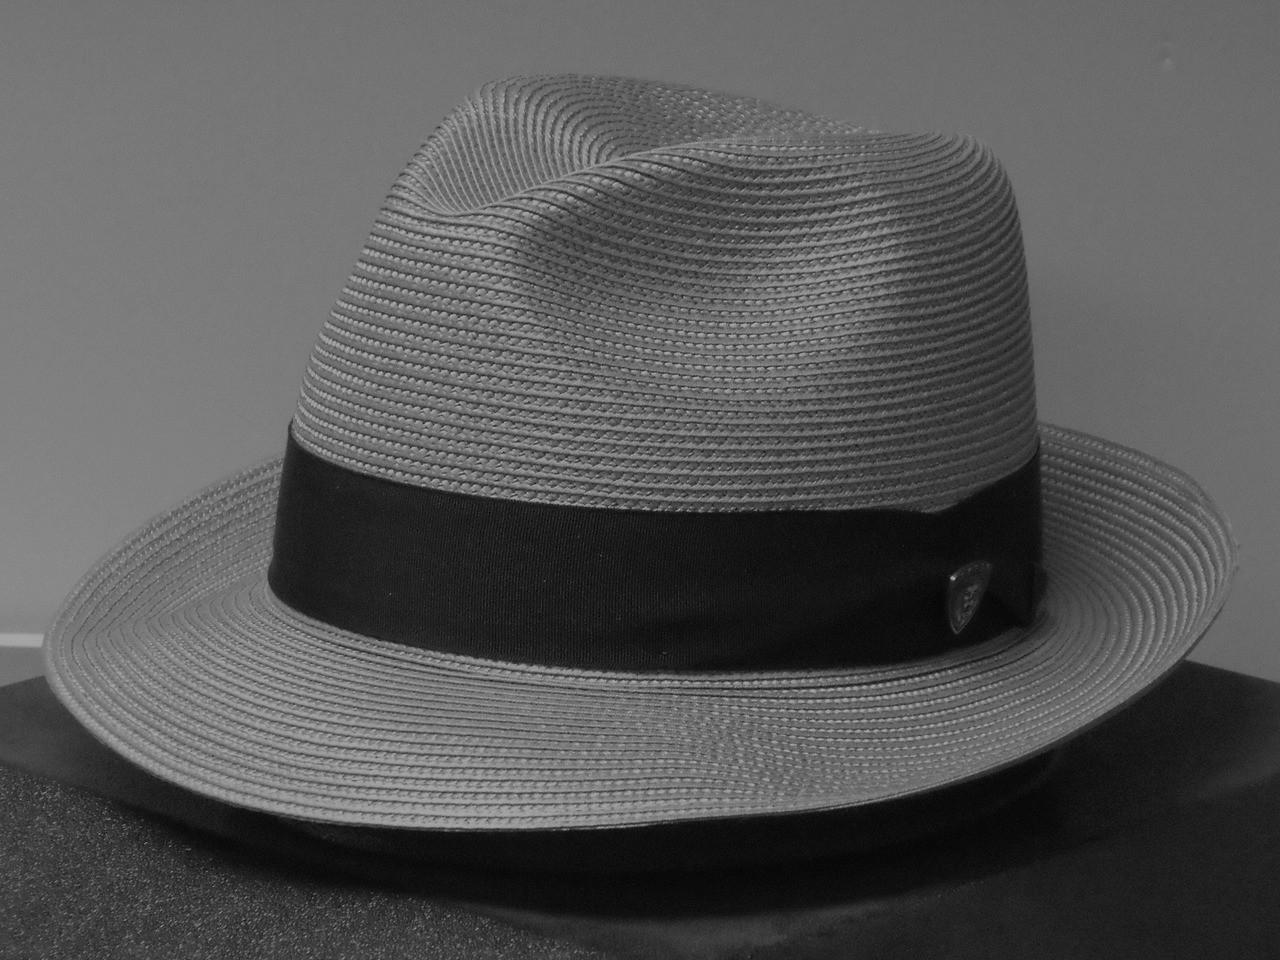 4af4be6828b9b Dobbs Rosebud Florentine Milan Straw Feddora Hat - One 2 mini Ranch